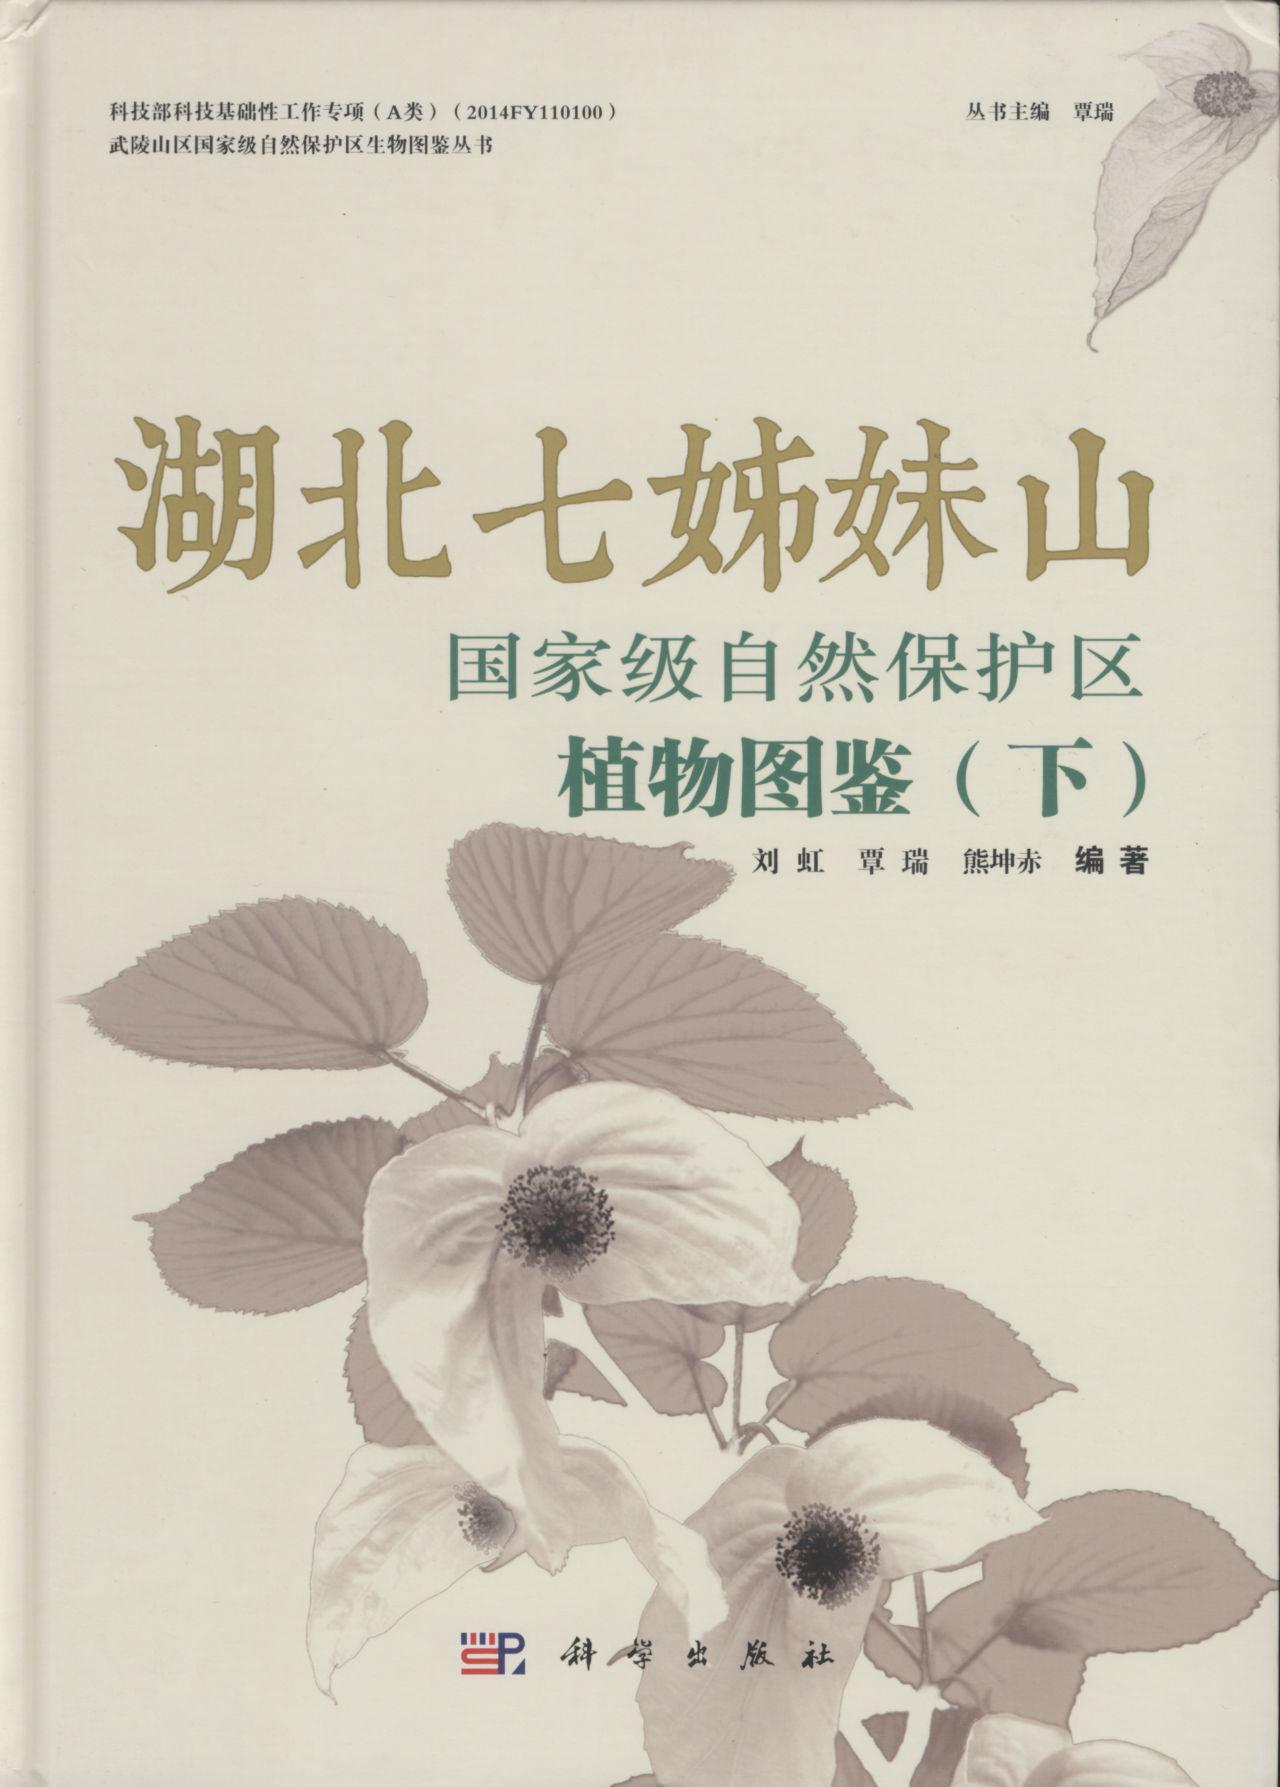 湖北七姊妹山国家级自然保护区植物图鉴(下)